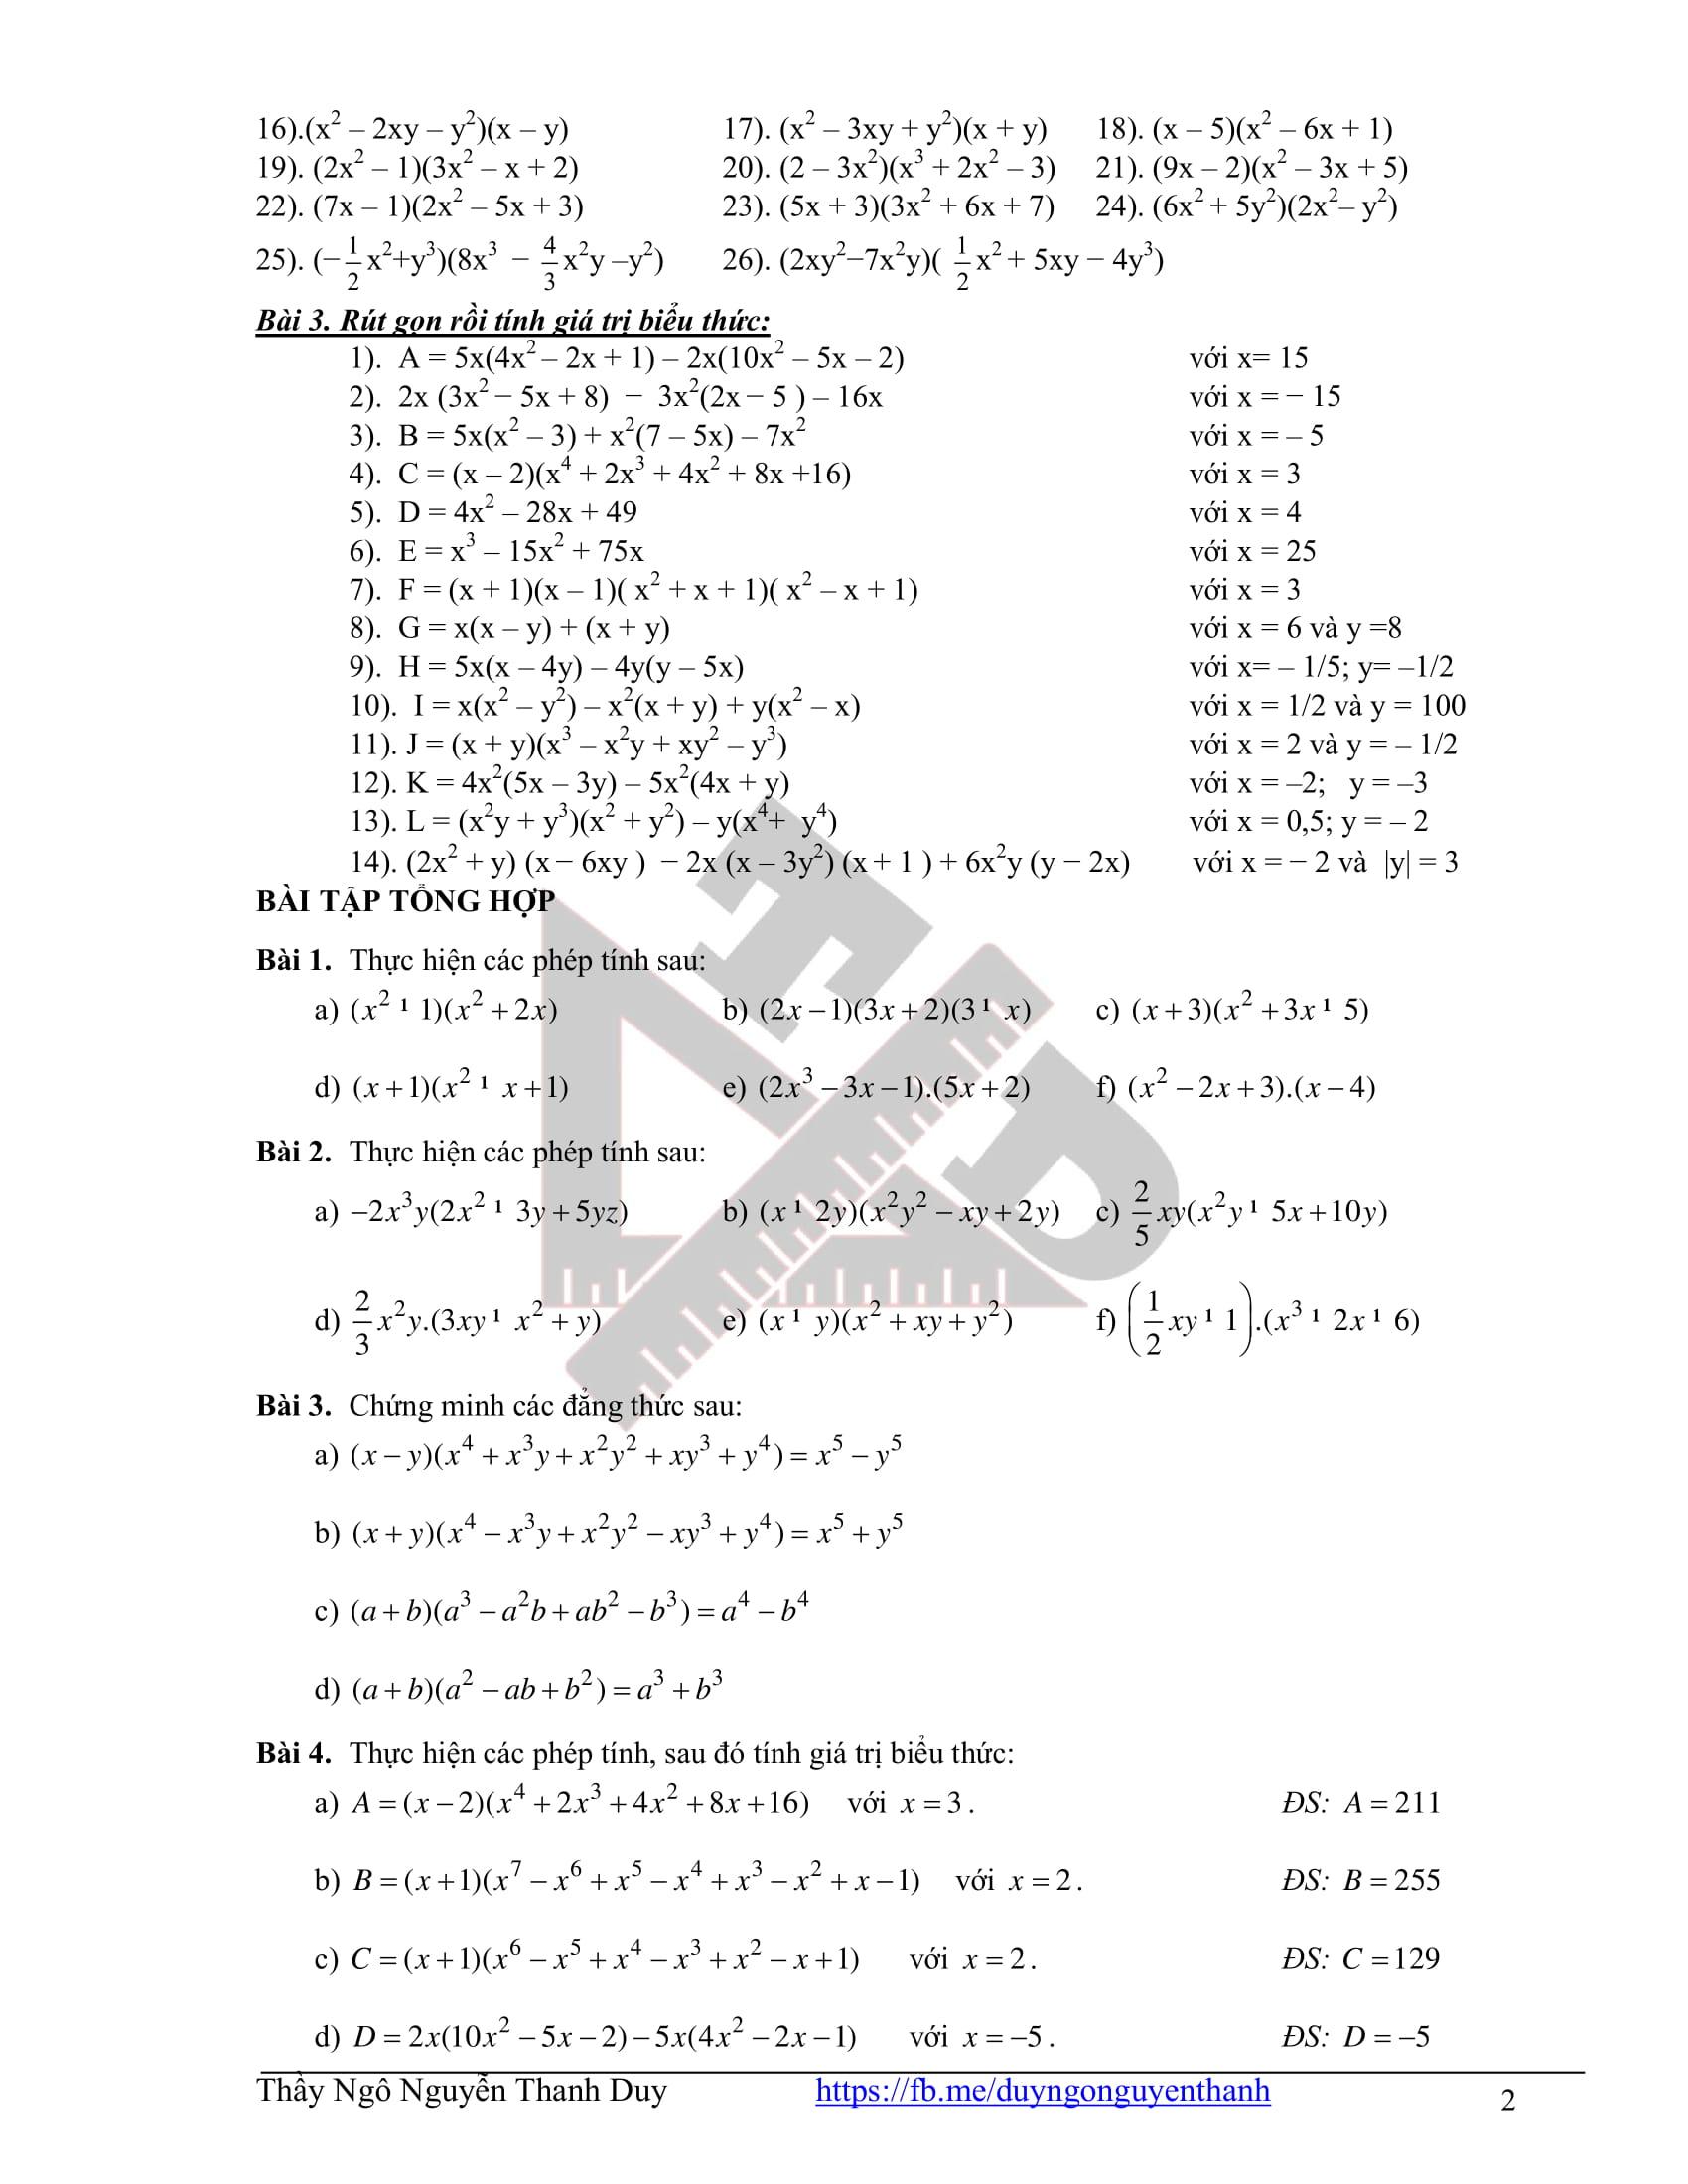 Ôn tập cả năm toán 8 2020-2021